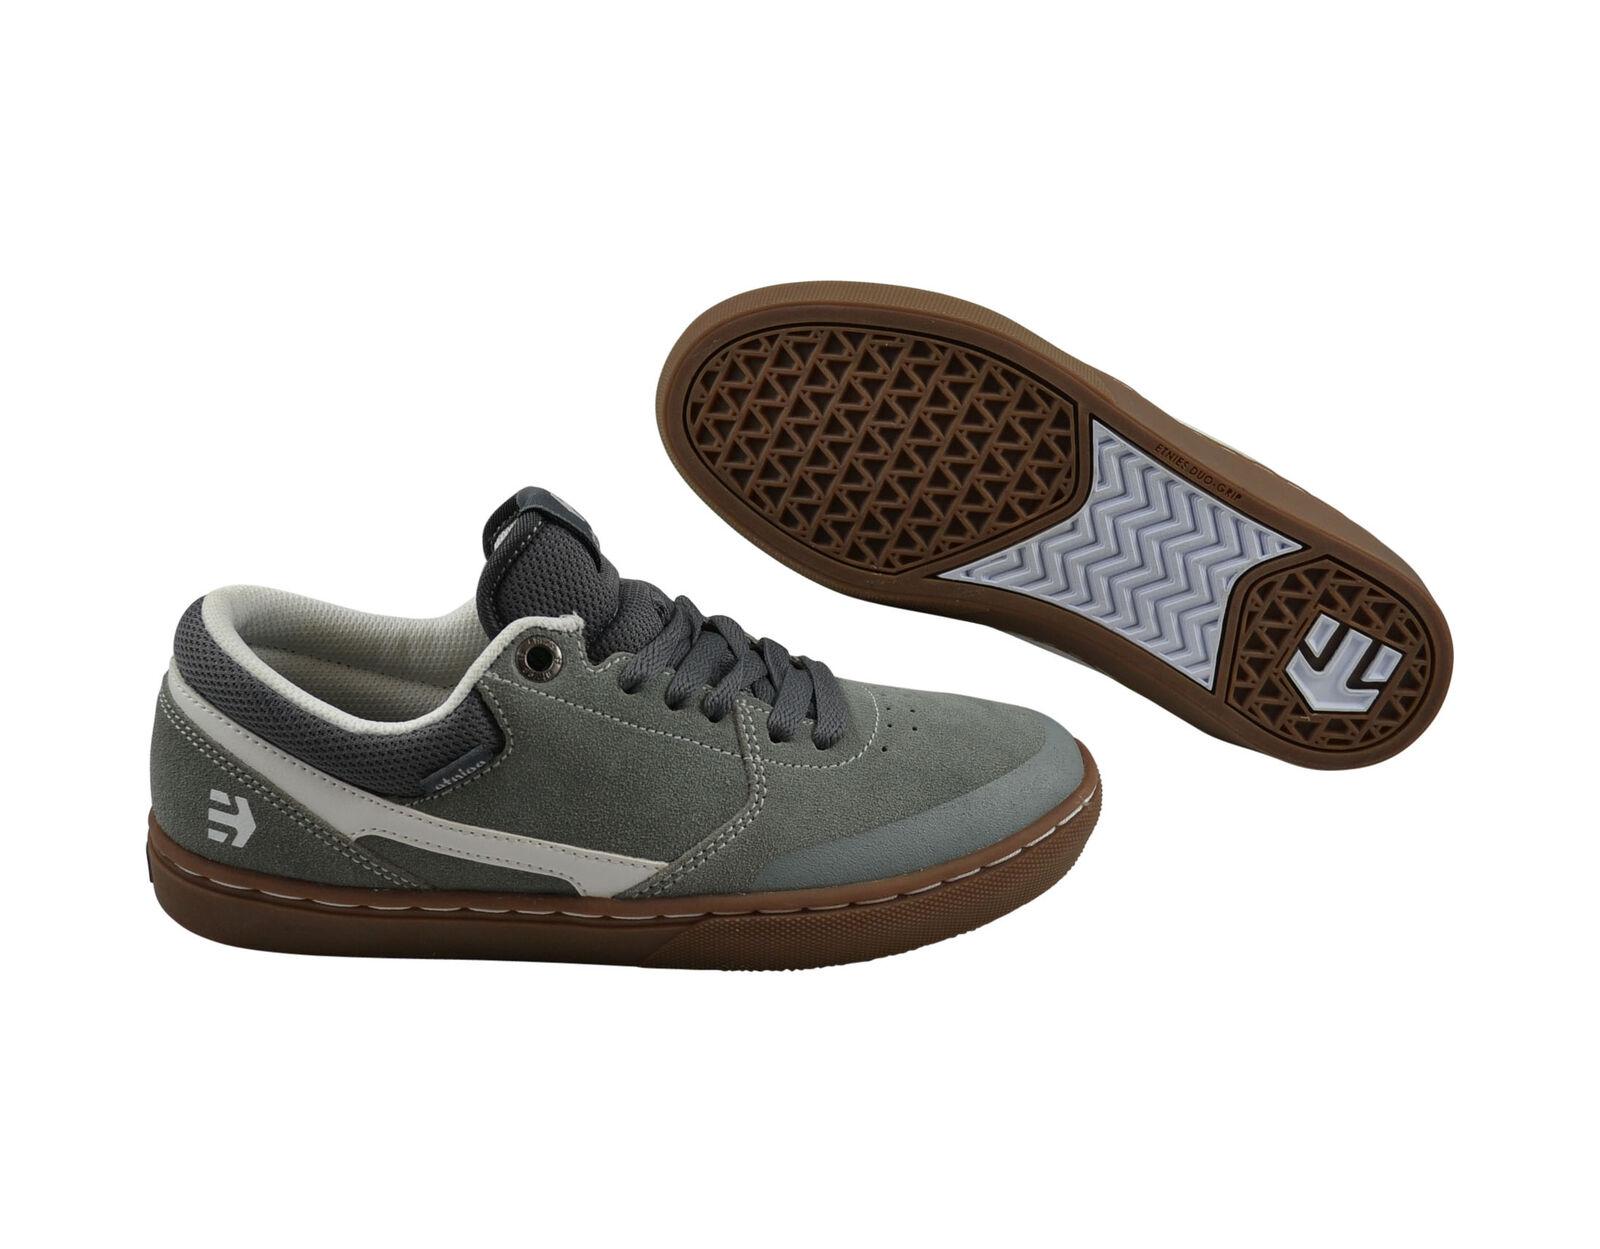 Etnies Rap CL Grau/gum Skater Schuhe/Turnschuhe grau